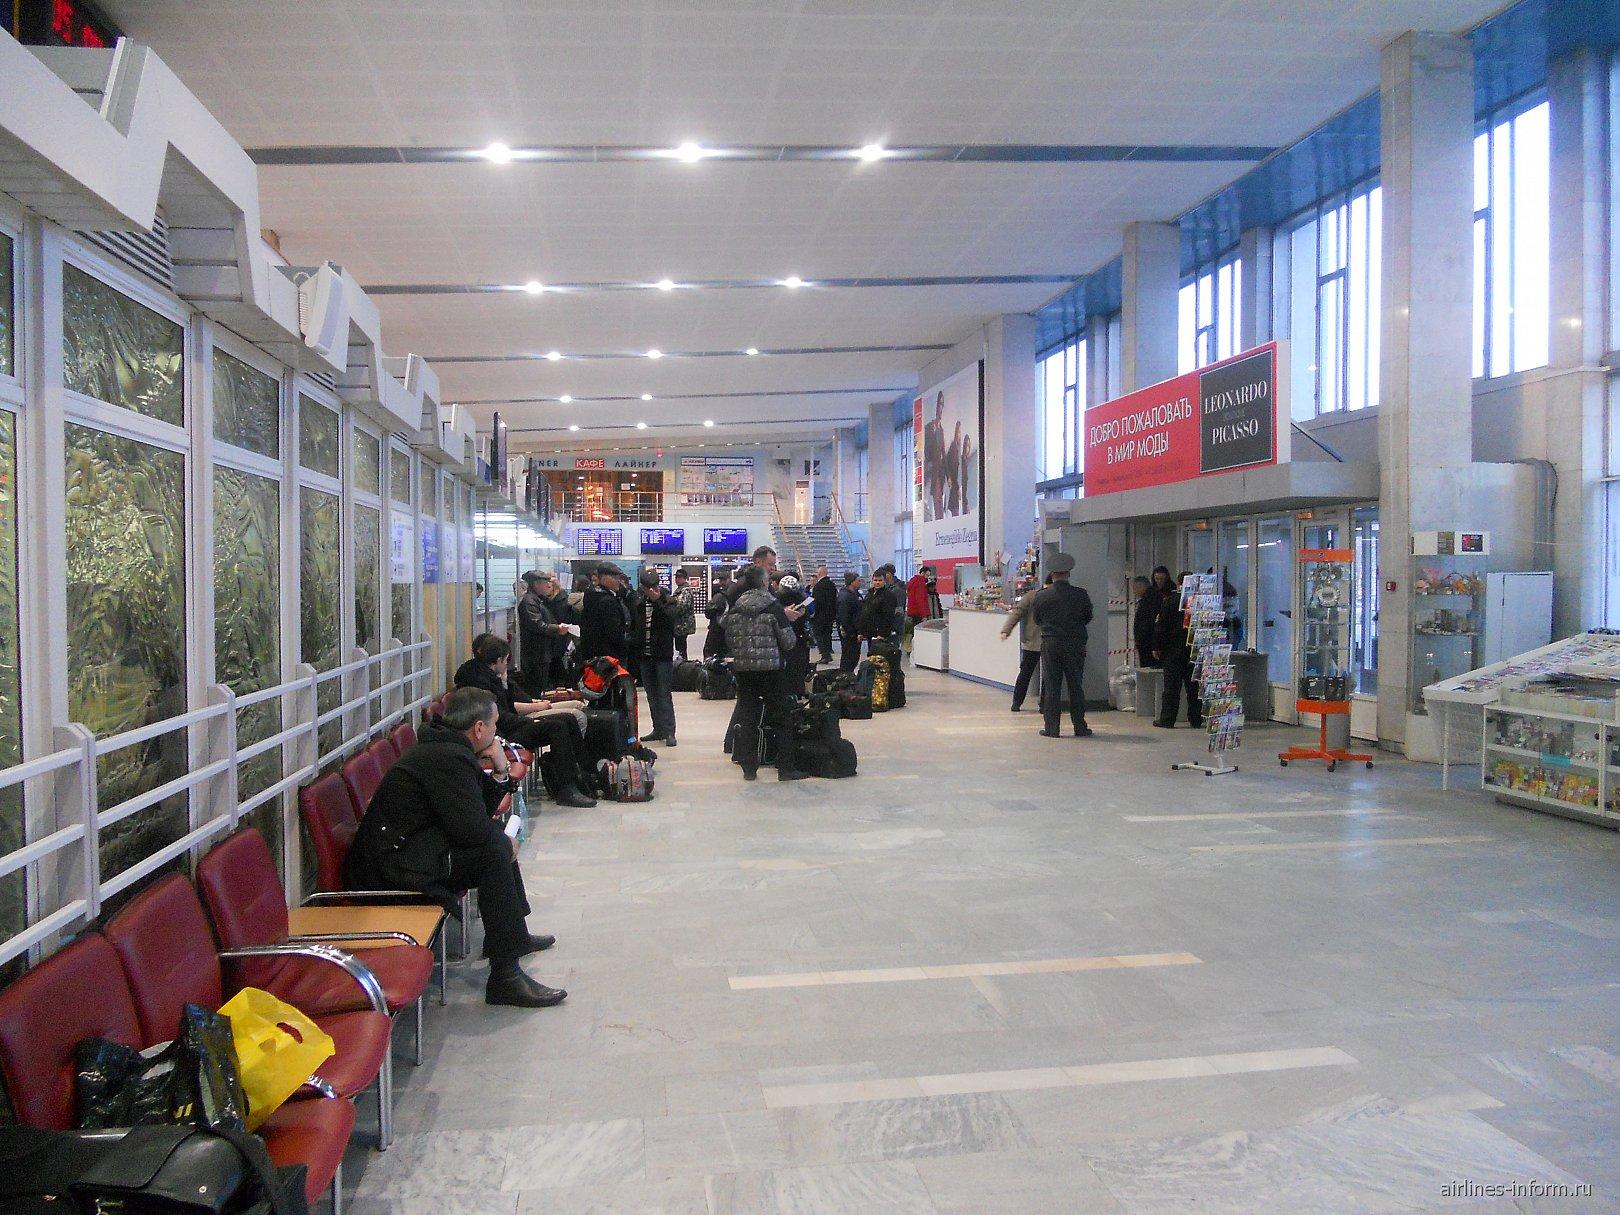 Интерьер аэровокзала аэропорта Ижевск